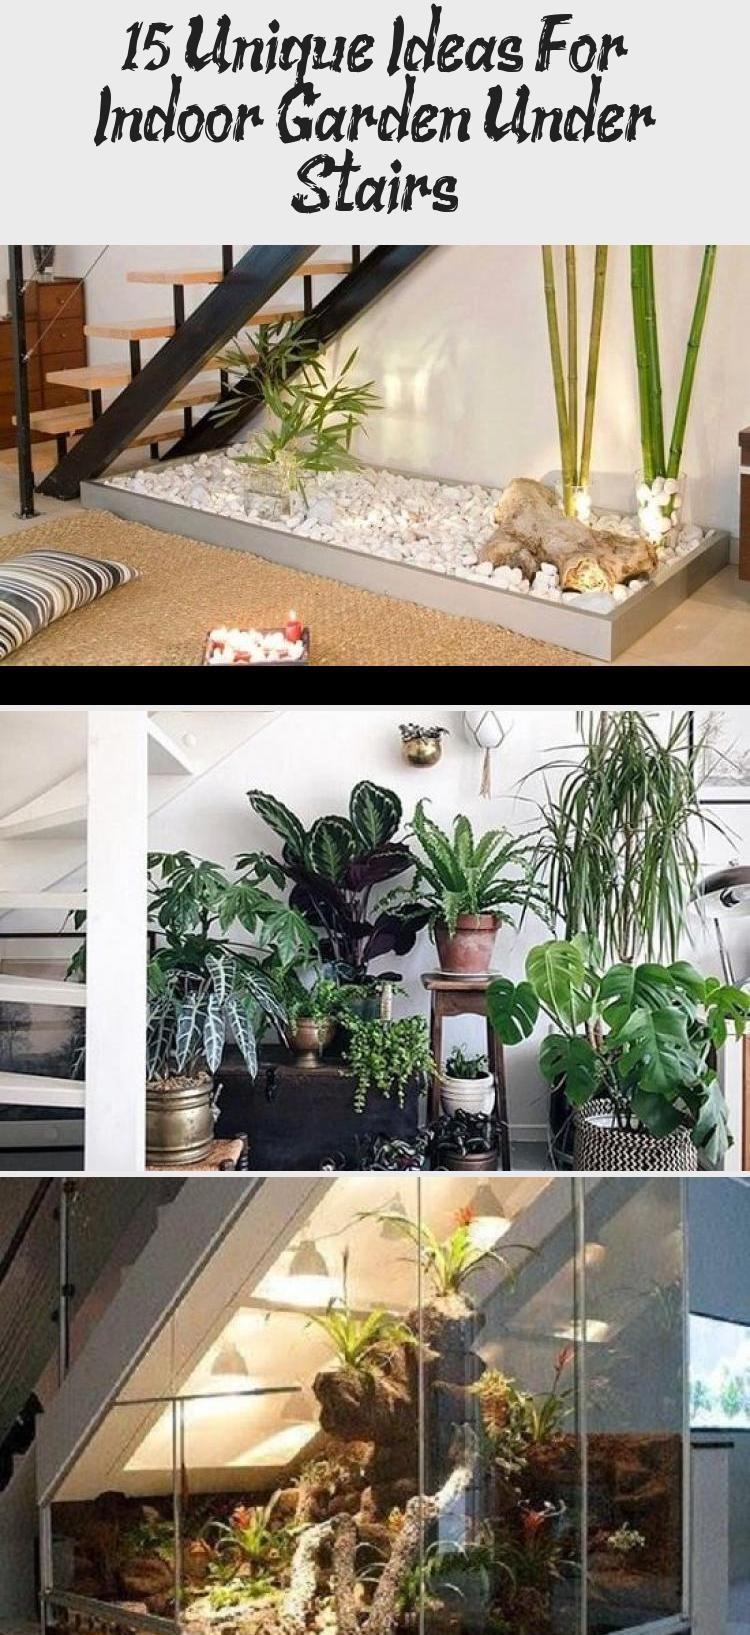 15 Unique Ideas For Indoor Garden Under Stairs Balcony Garden Web Verticalindoorgarden Indoorgardenrooms Ind In 2020 Indoor Gardens Dog Under Stairs Indoor Garden